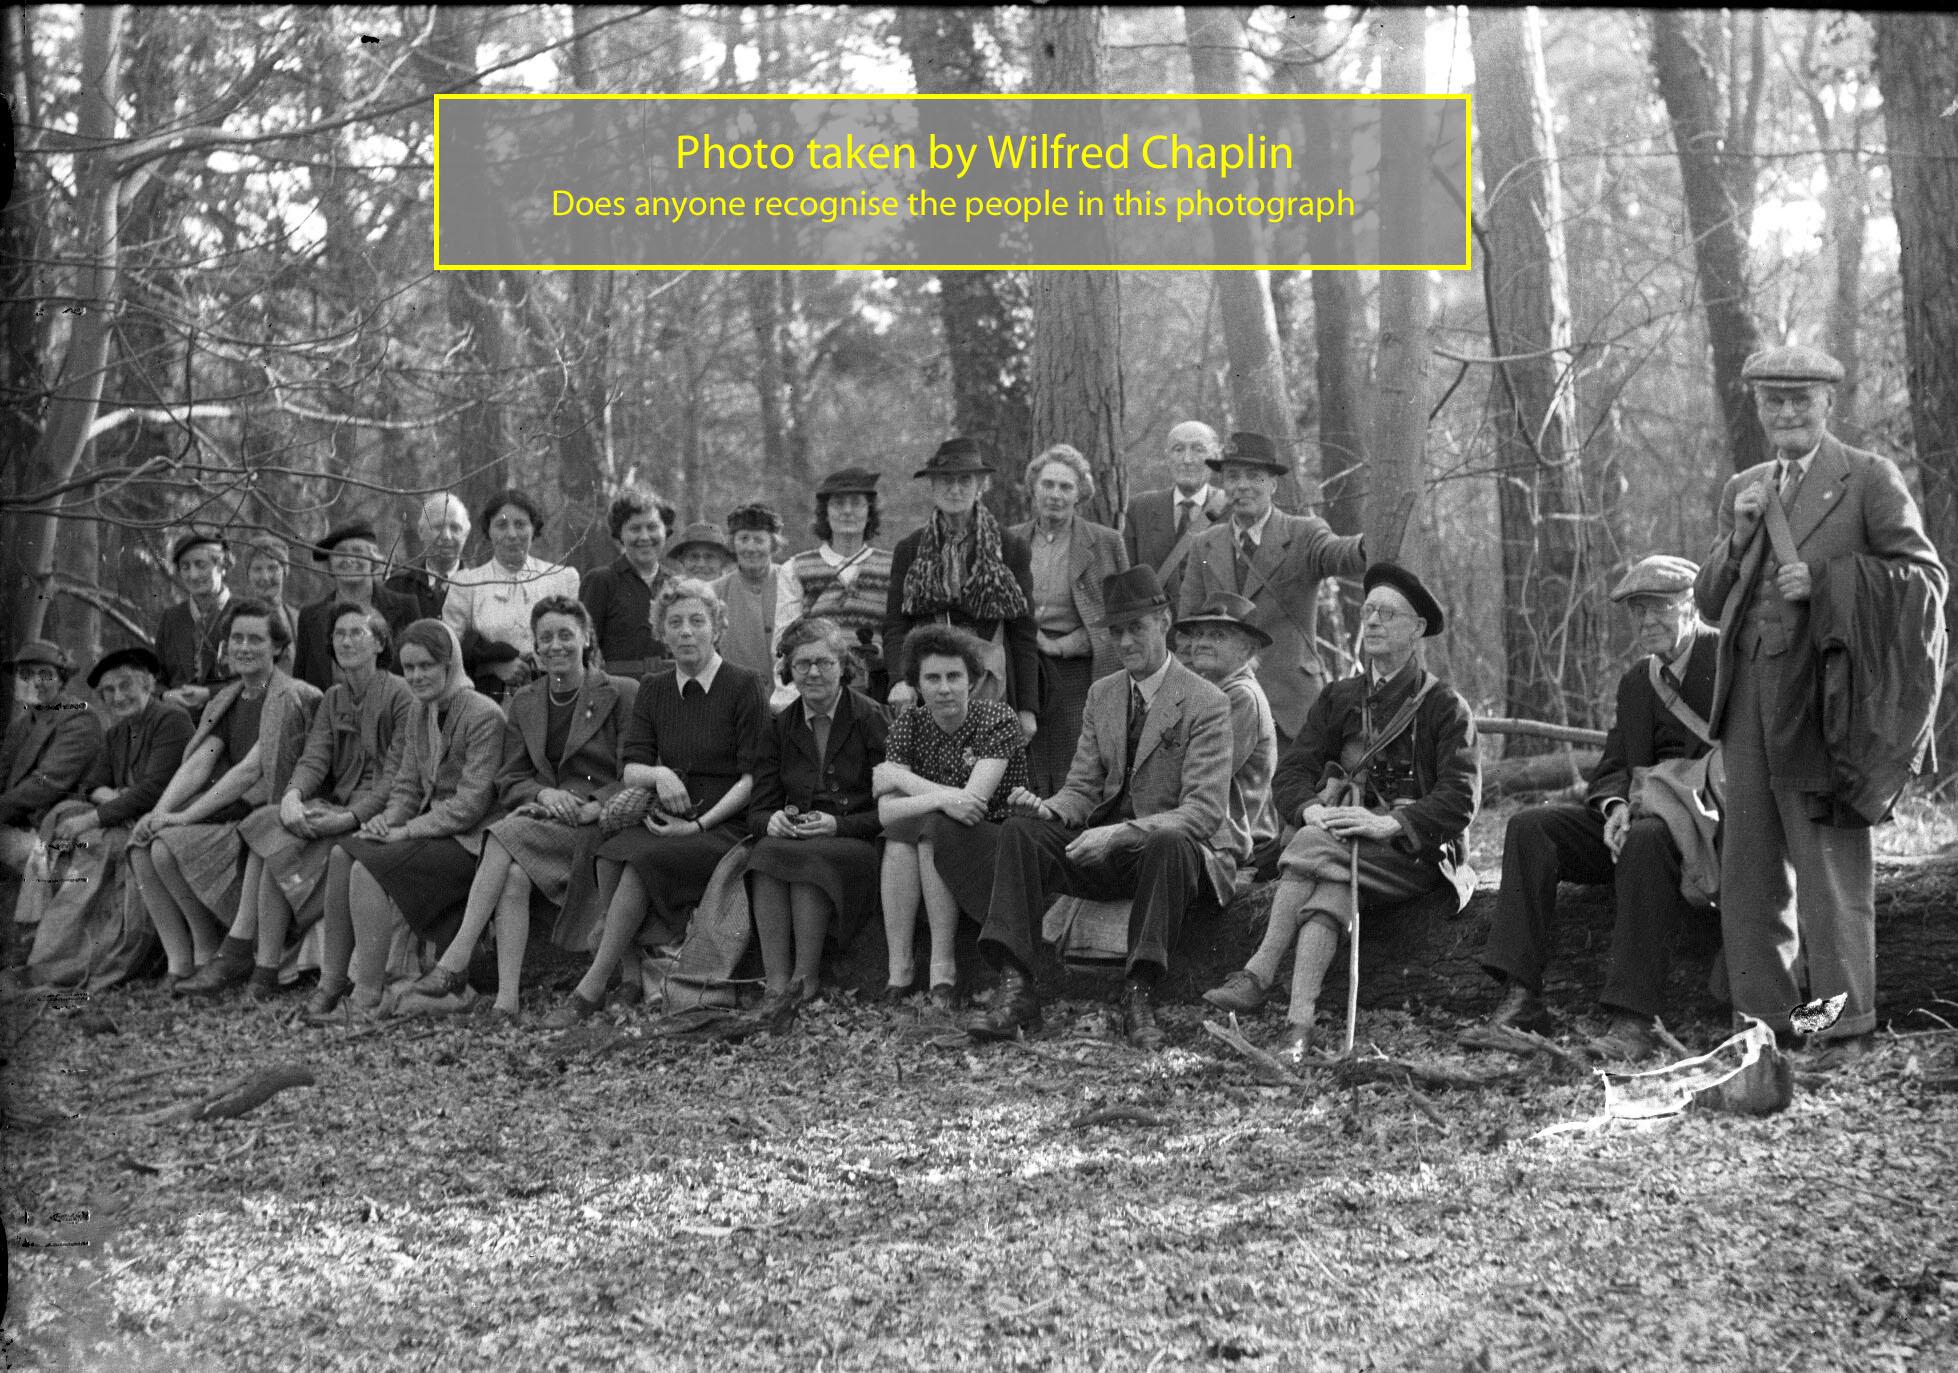 AA00250 Group in woods.jpg